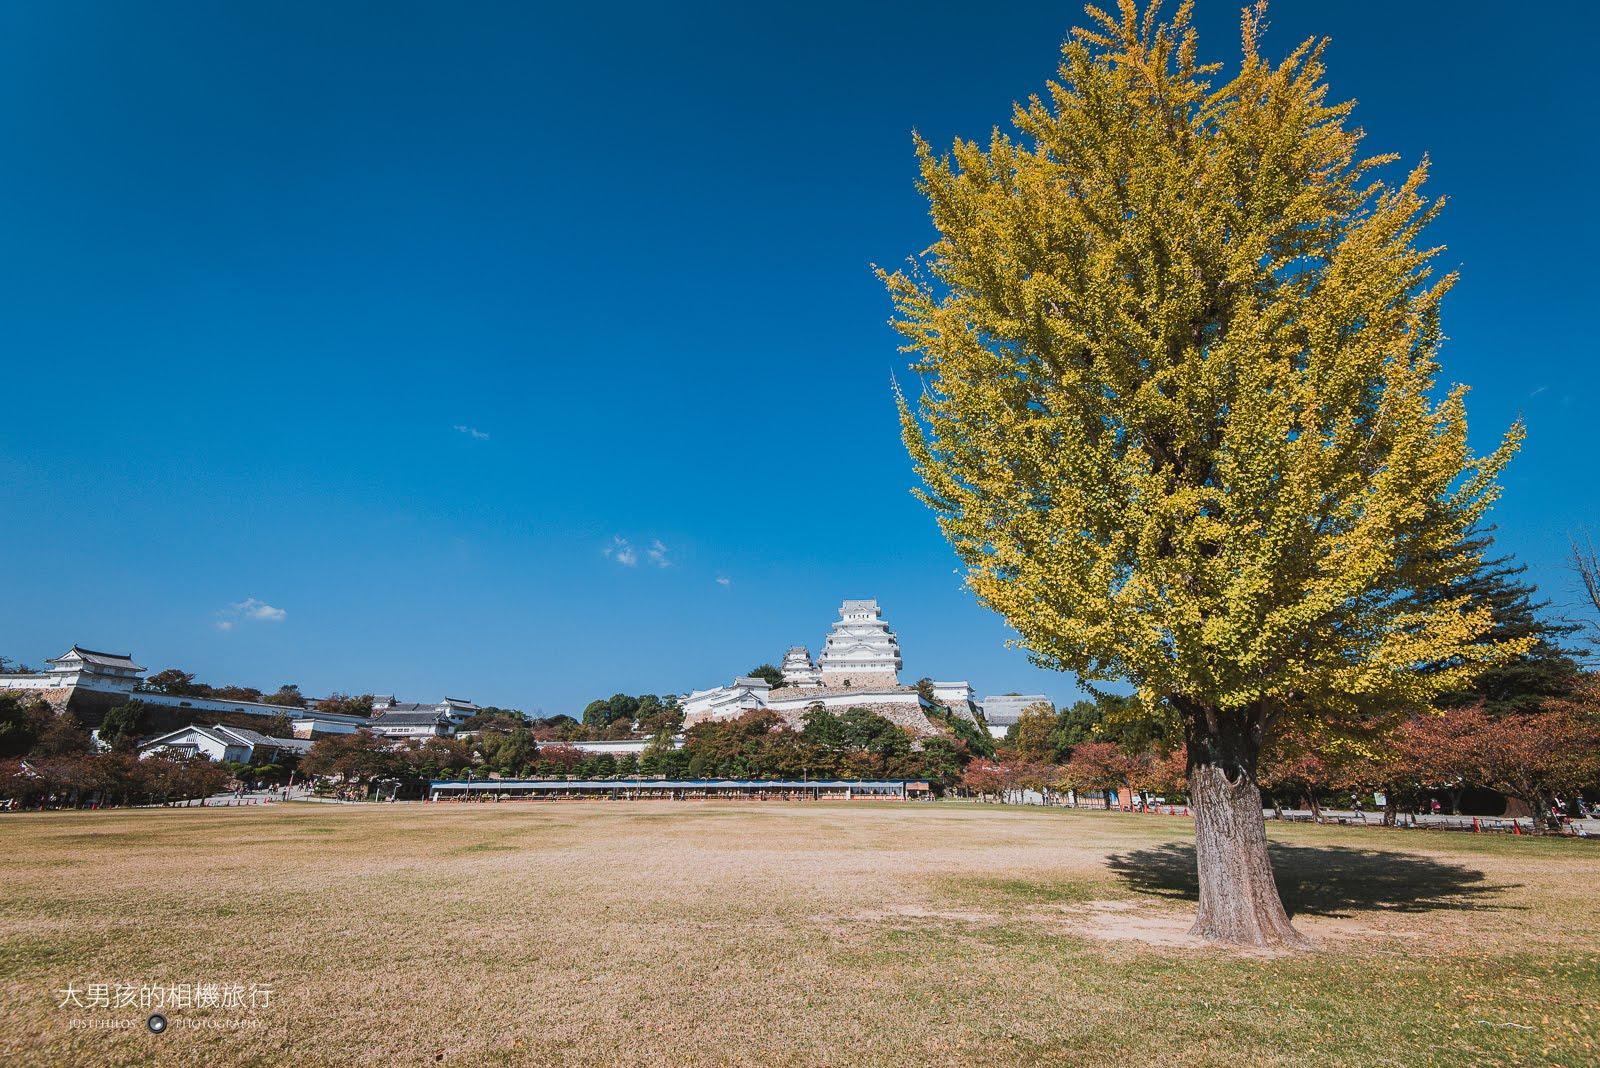 姬路城園內的大草坪,巨大的銀杏樹非常吸睛,只可惜還沒有到很黃的時候。